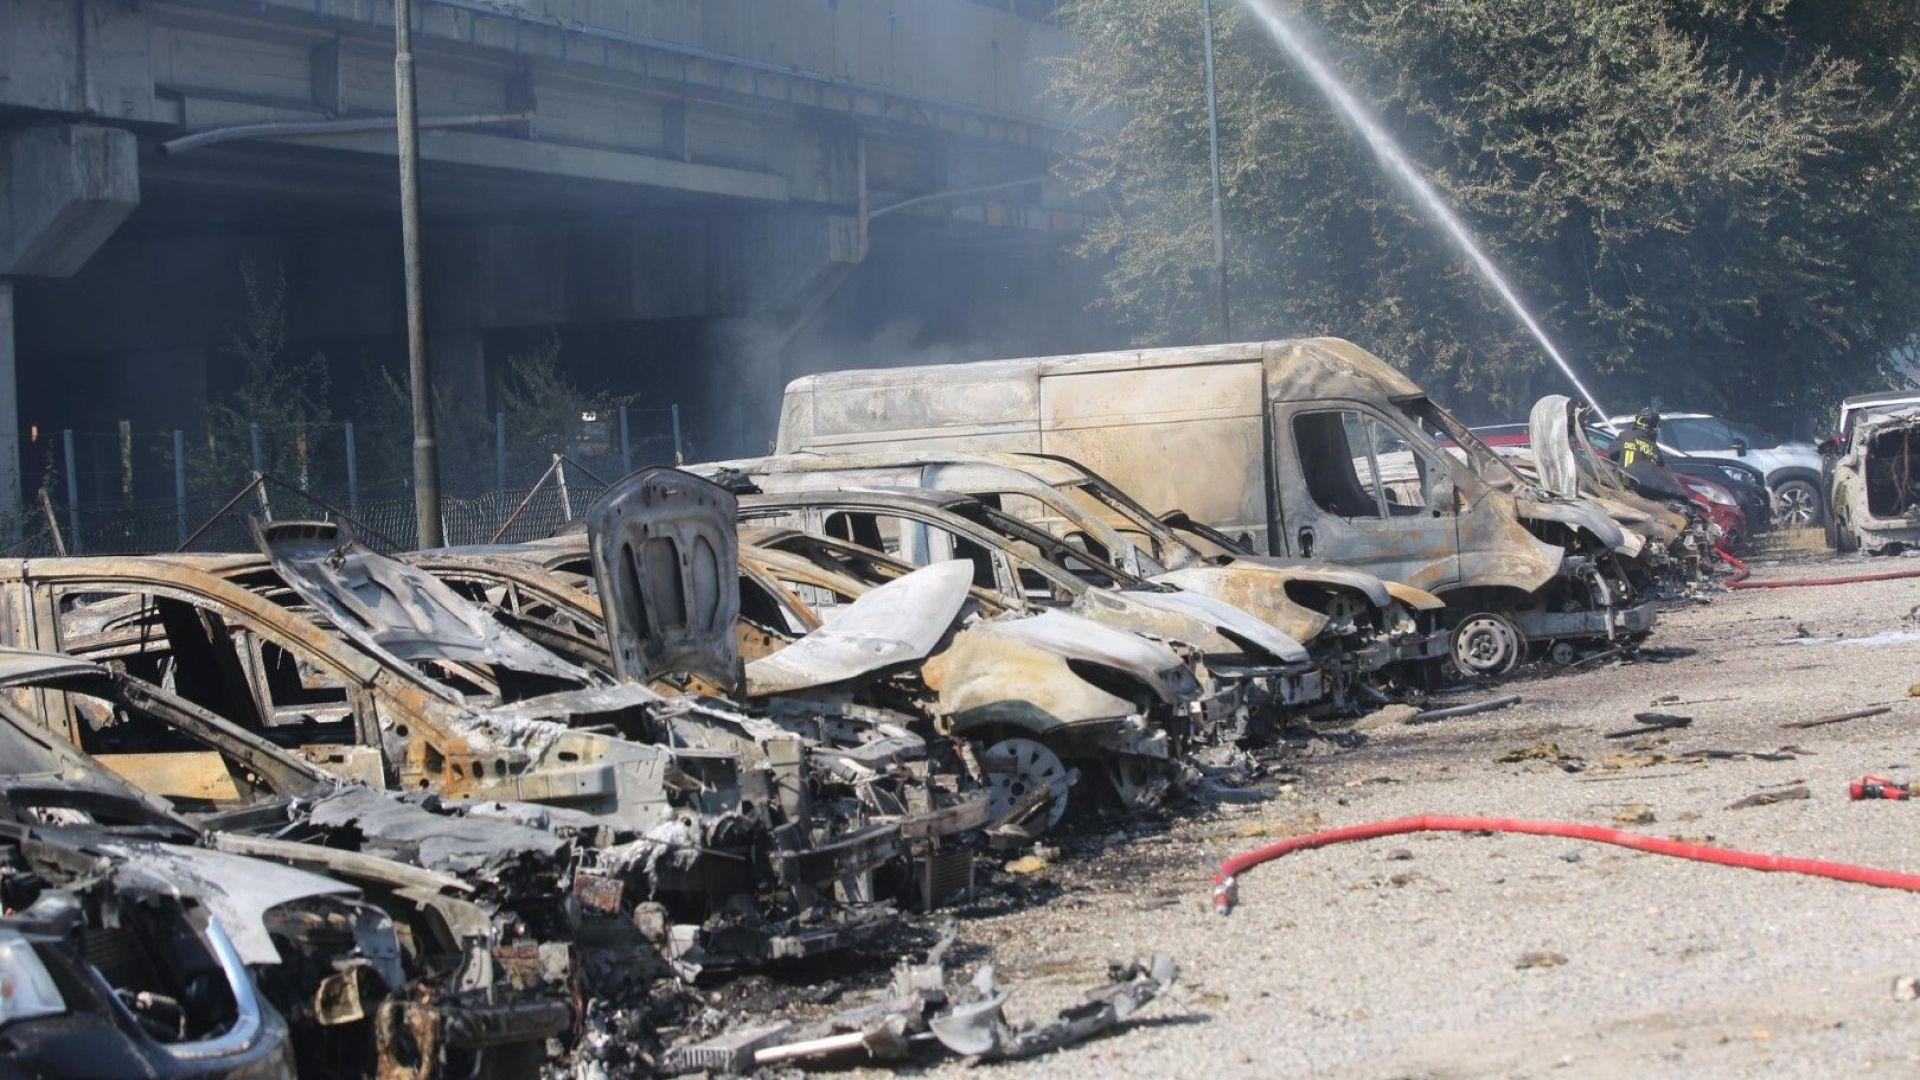 Екплозията доведе до много жертви и ранени и предизвика сериозни материални щети